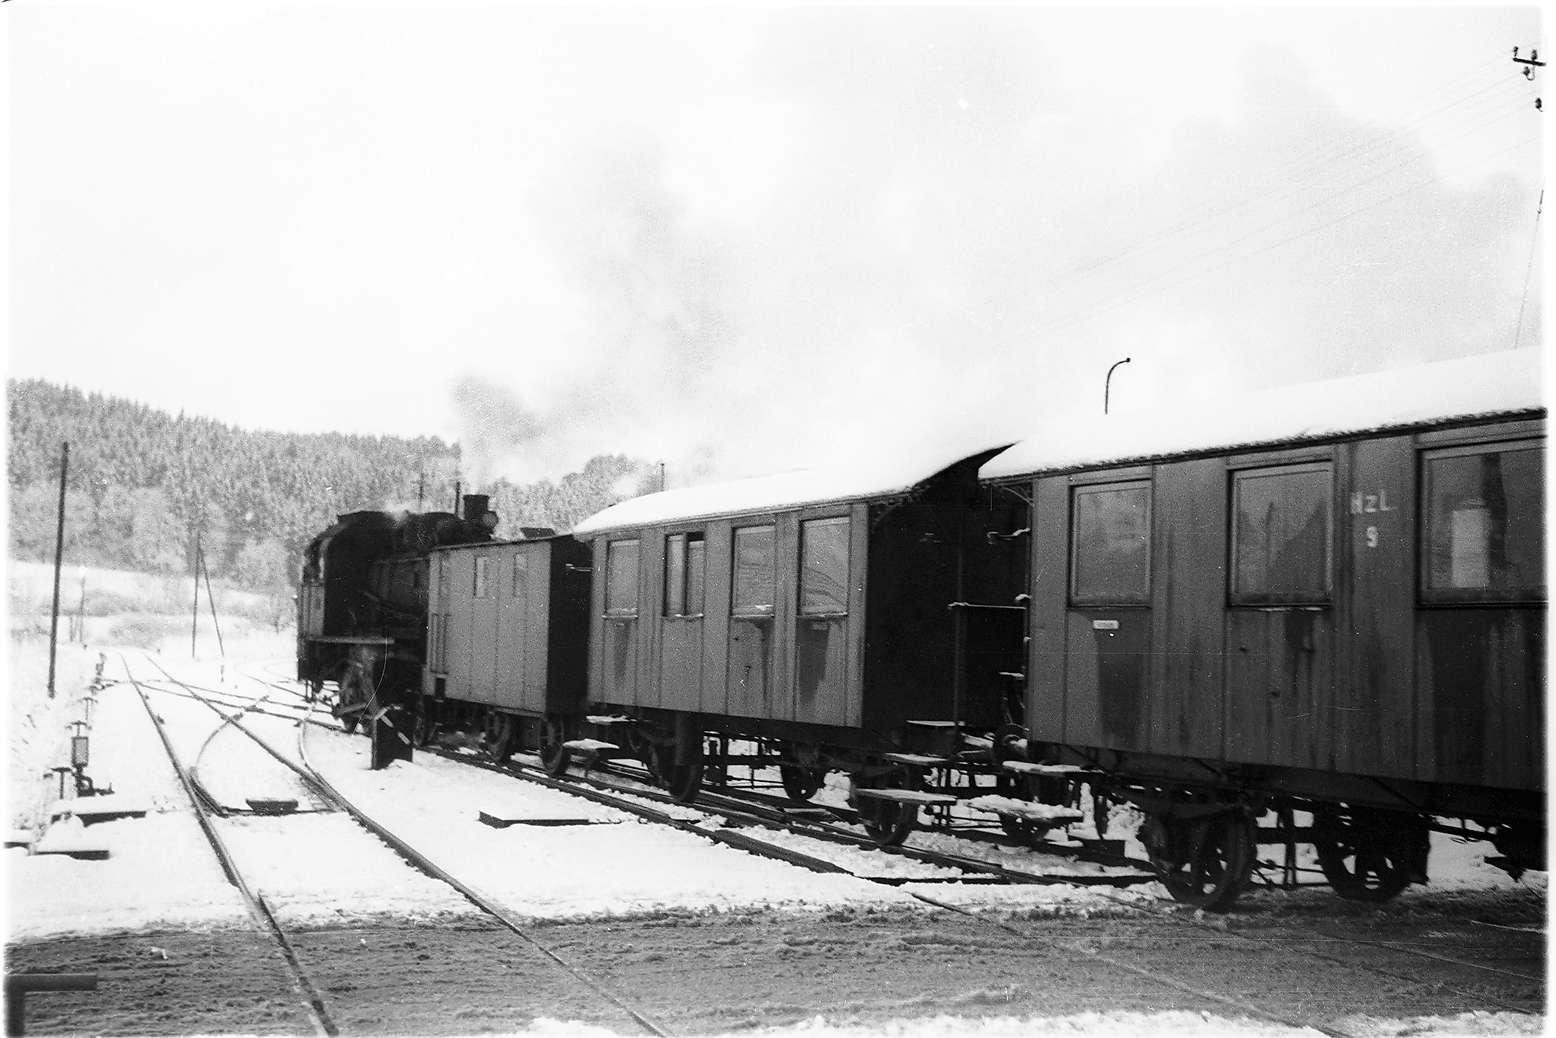 Bahnhof Gammertingen, Rangieren der Lok 141 mit Heizwagen Nr. 6 und Personenwagen von 1901, 2009 betriebsfähige Museumswagen, Bild 1